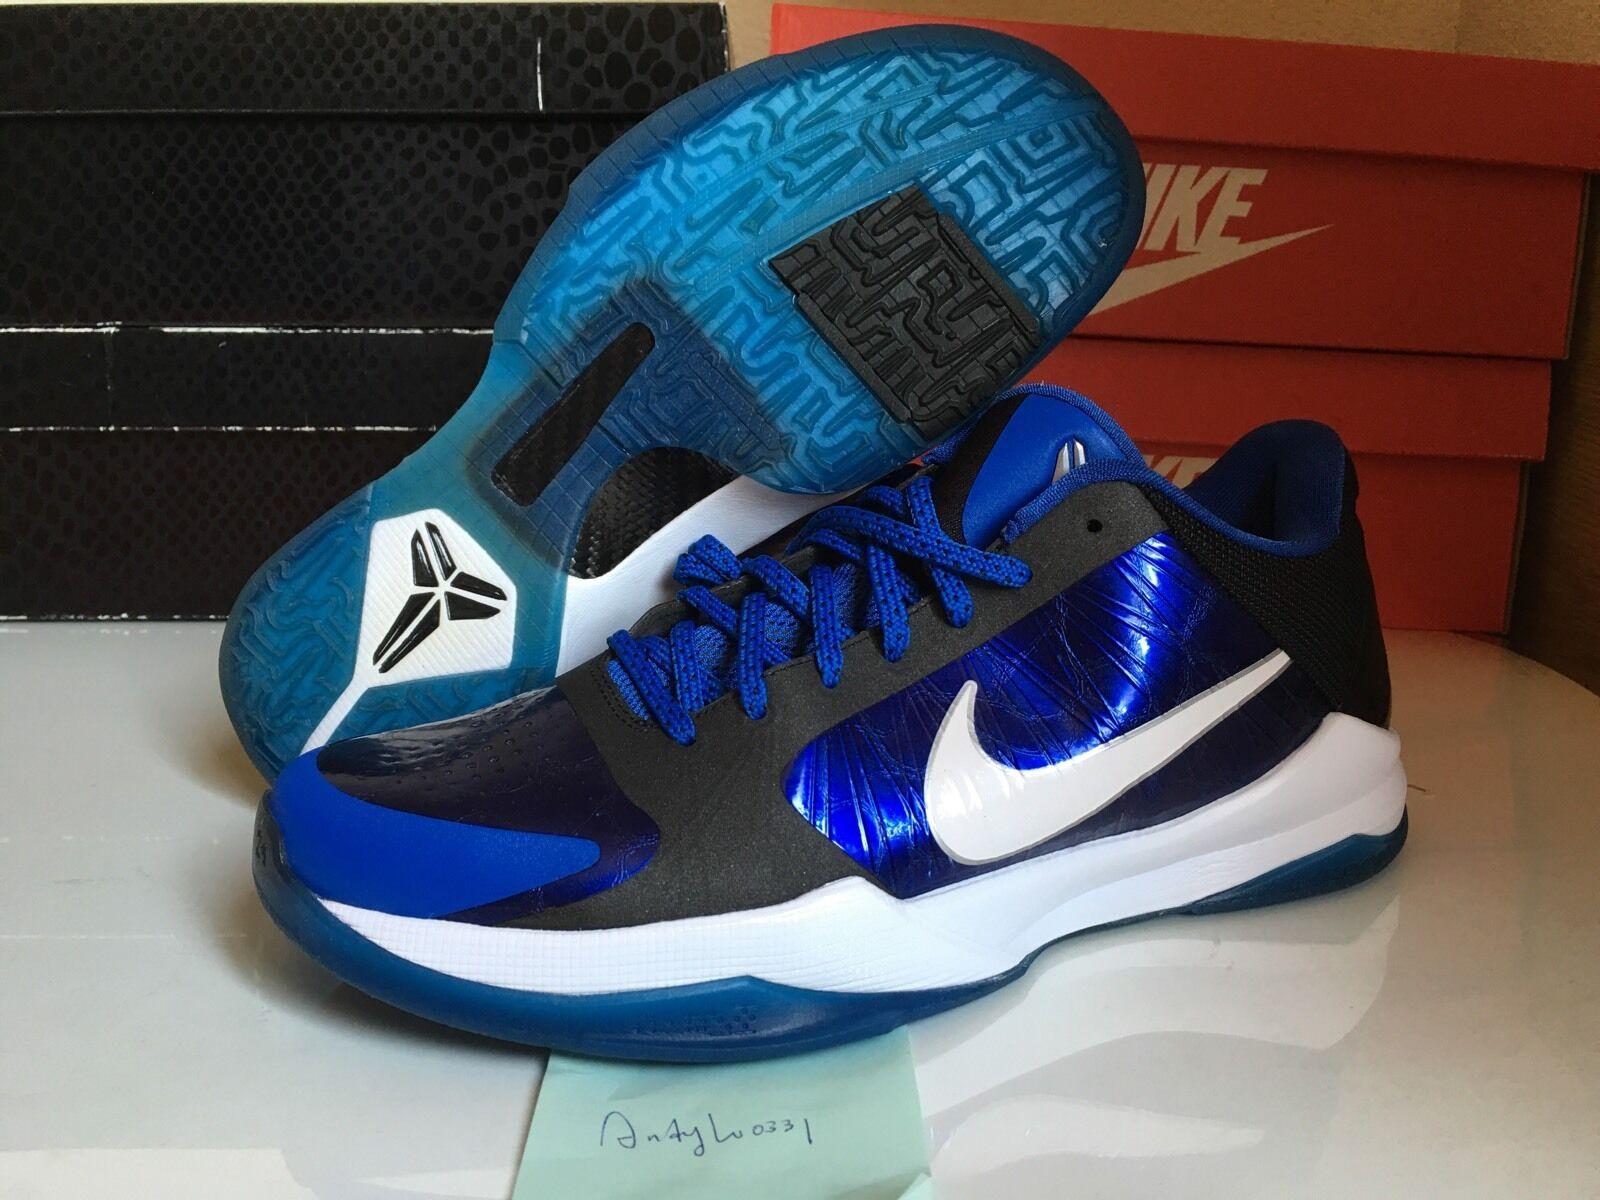 Nike Kobe V 5 Duke Blue Devils 10 FTB Jordan Lebron LOT 12 11 9 8 7 6 4 3 2 1